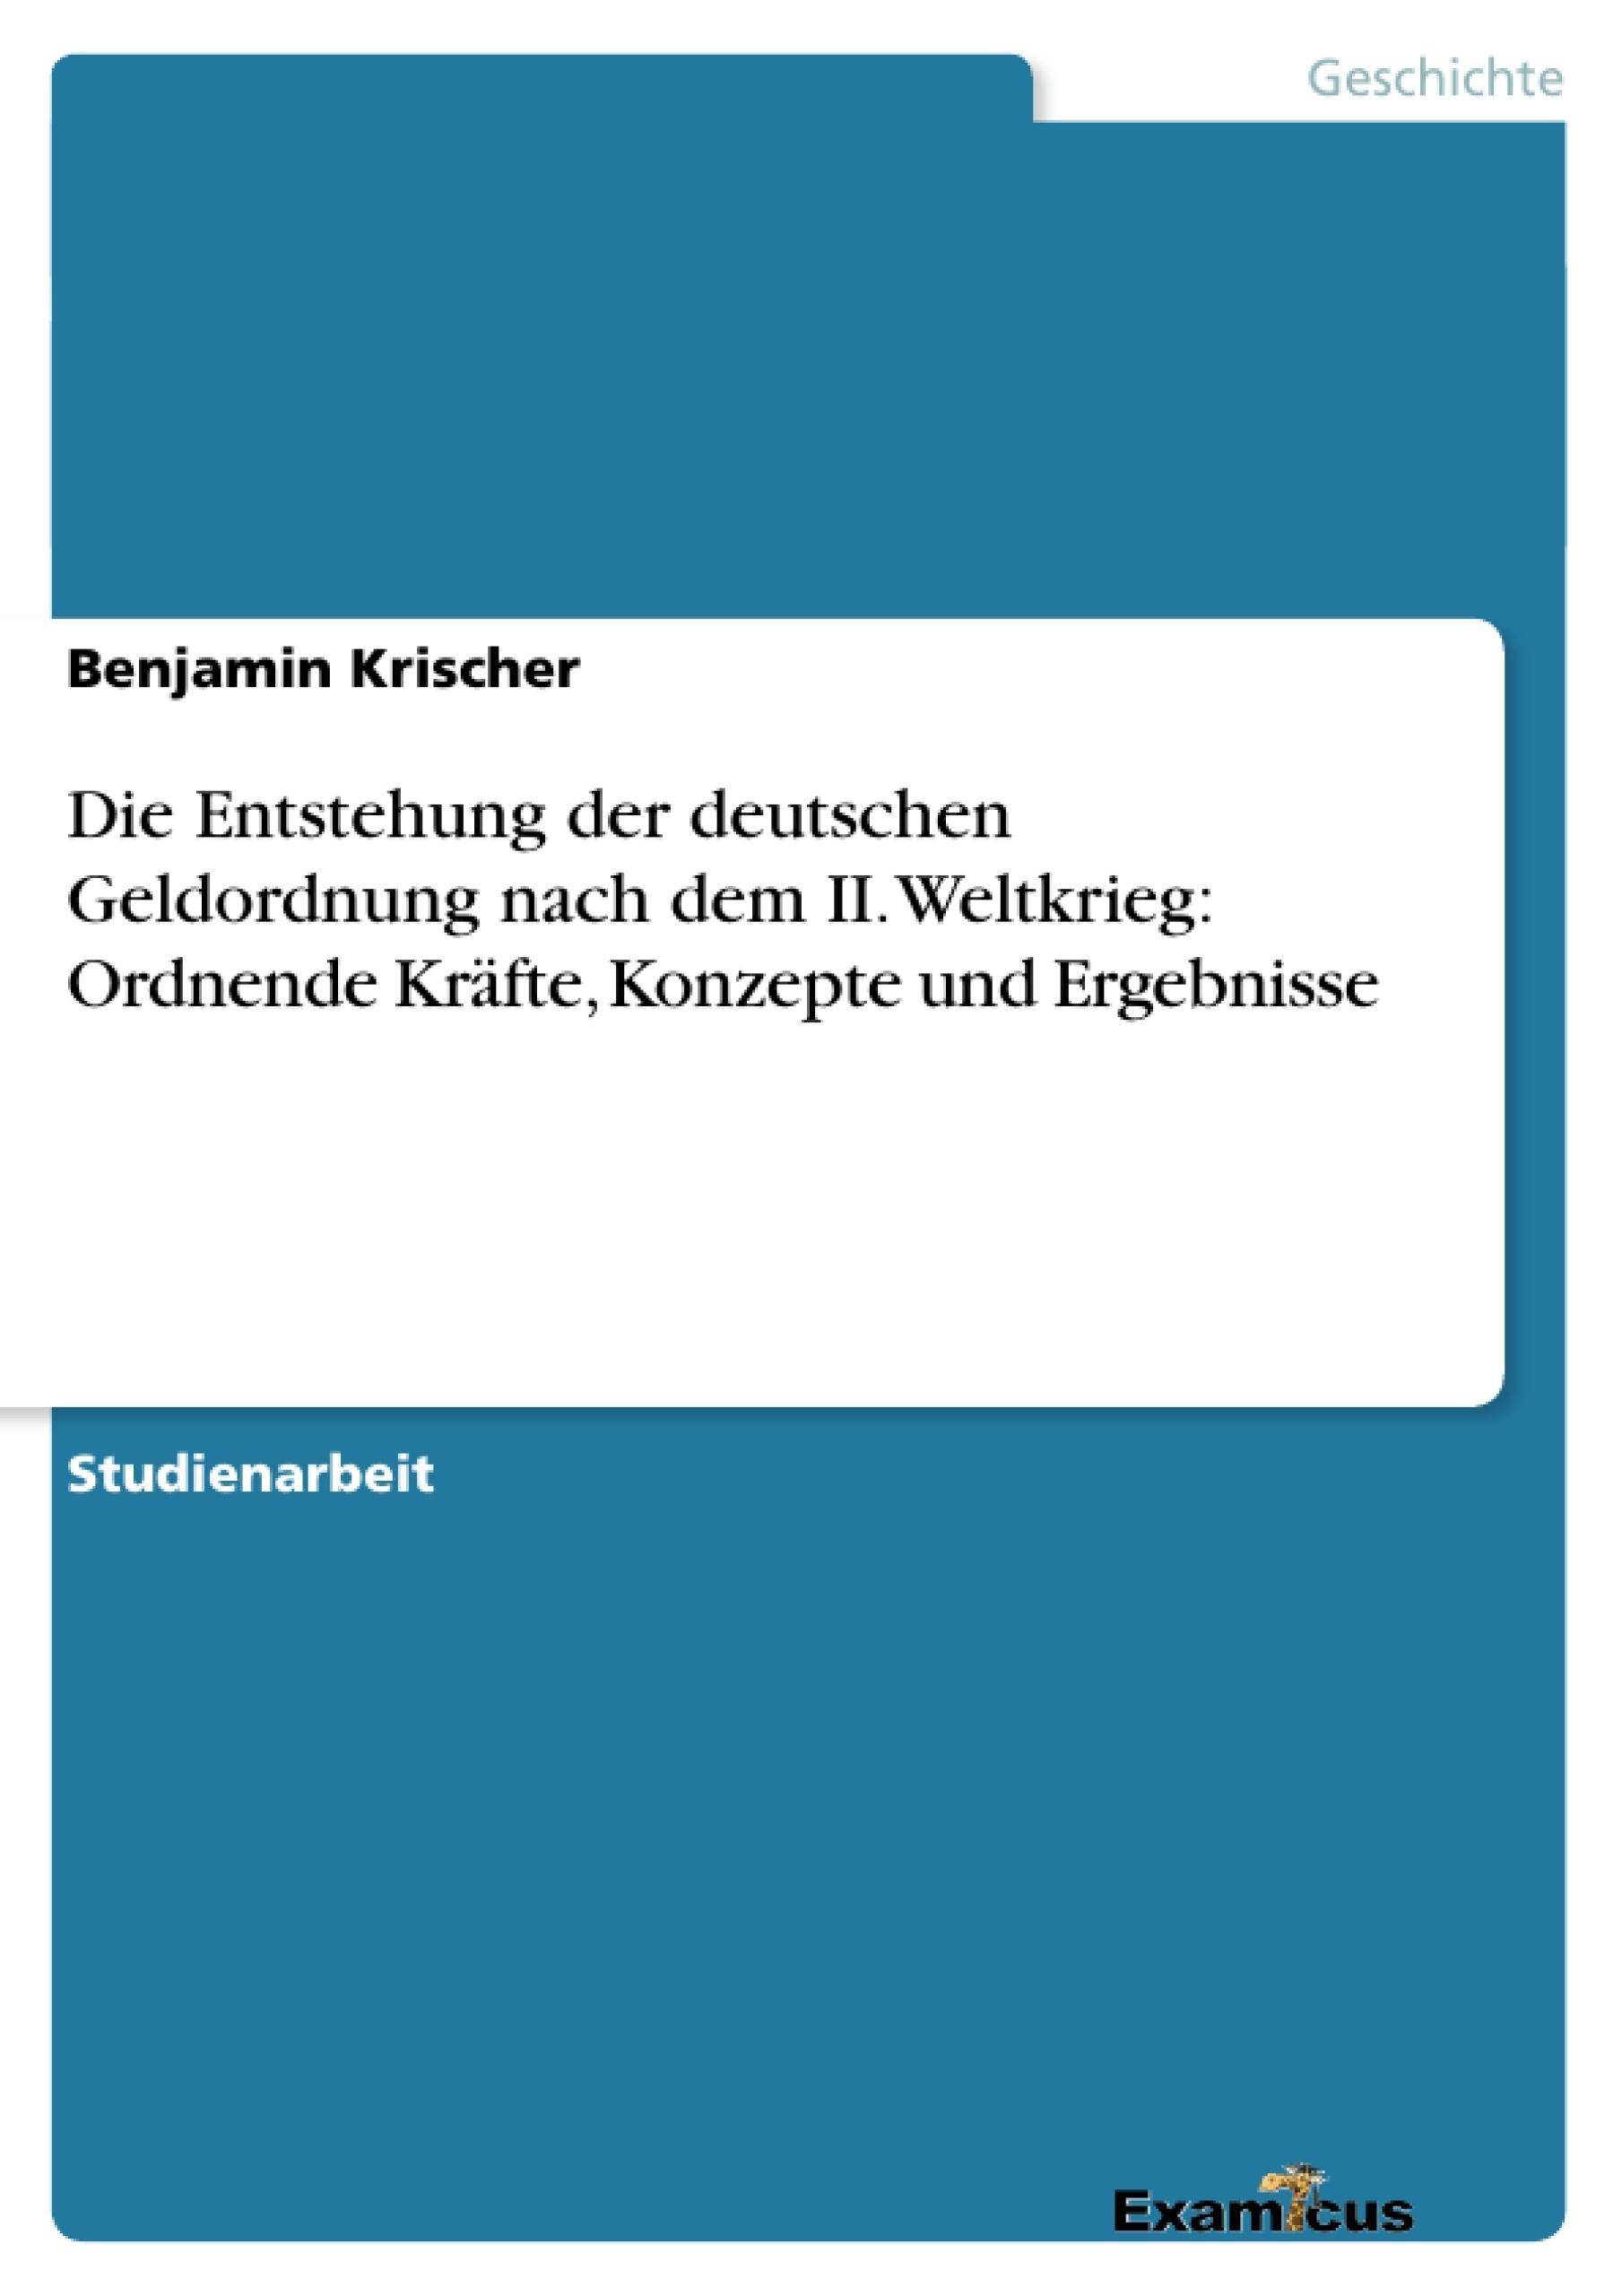 Titel: Die Entstehung der deutschen Geldordnung nach dem II. Weltkrieg: Ordnende Kräfte, Konzepte und Ergebnisse